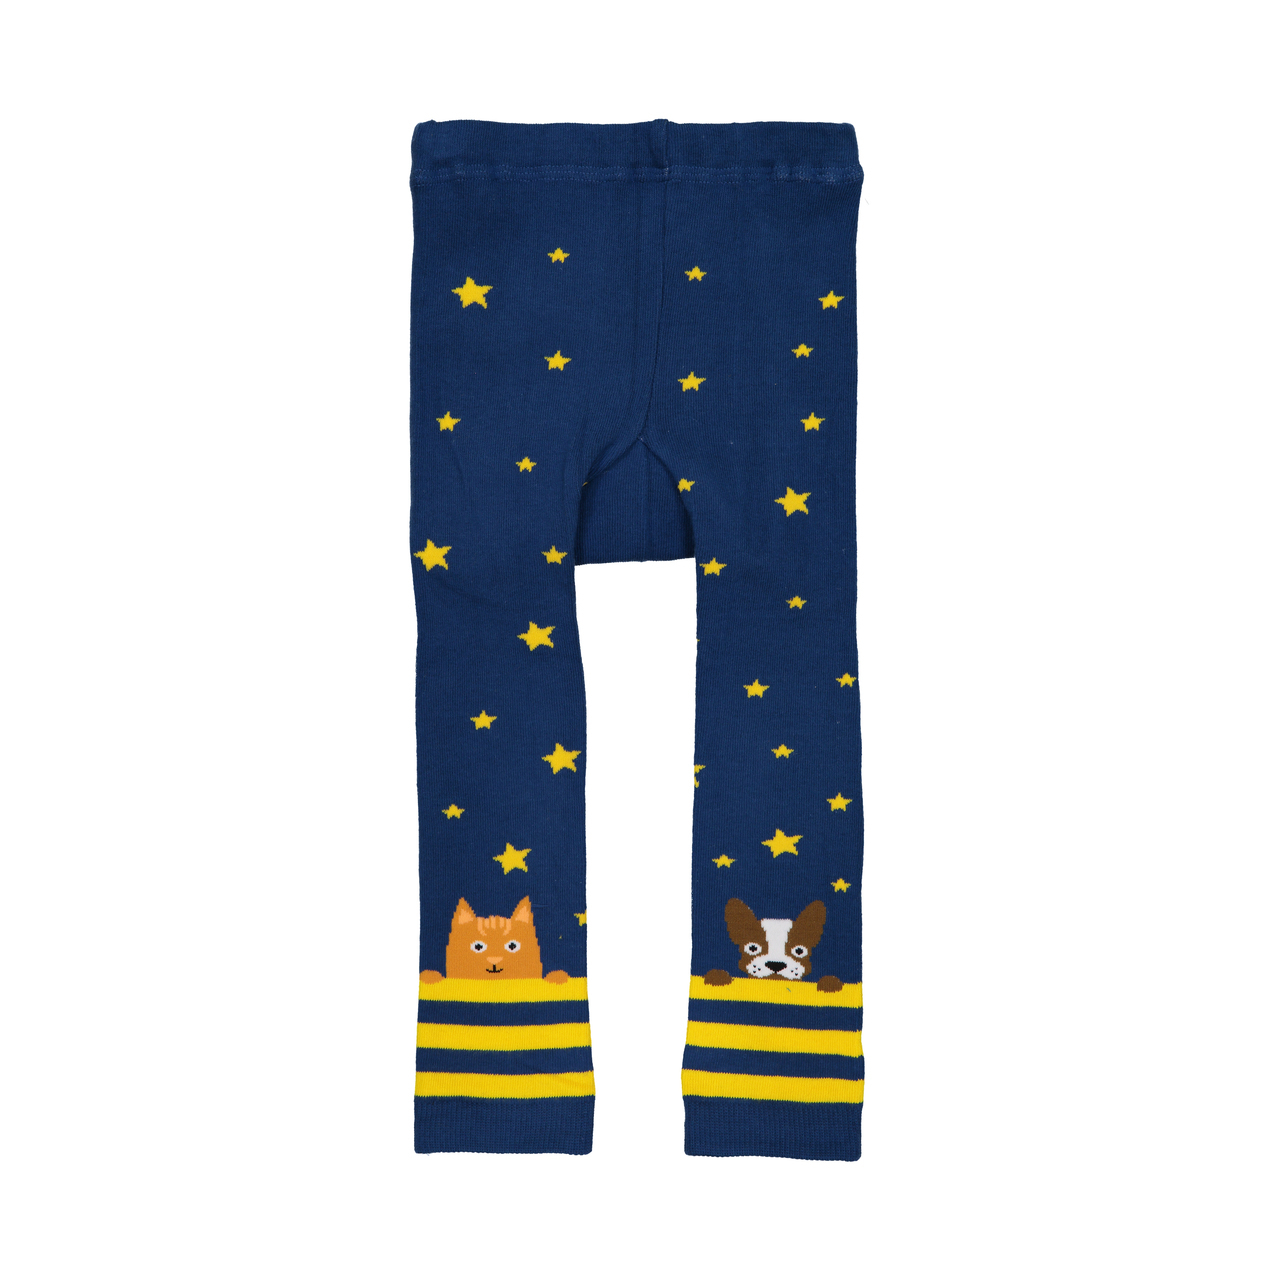 Planet Doodle Legging